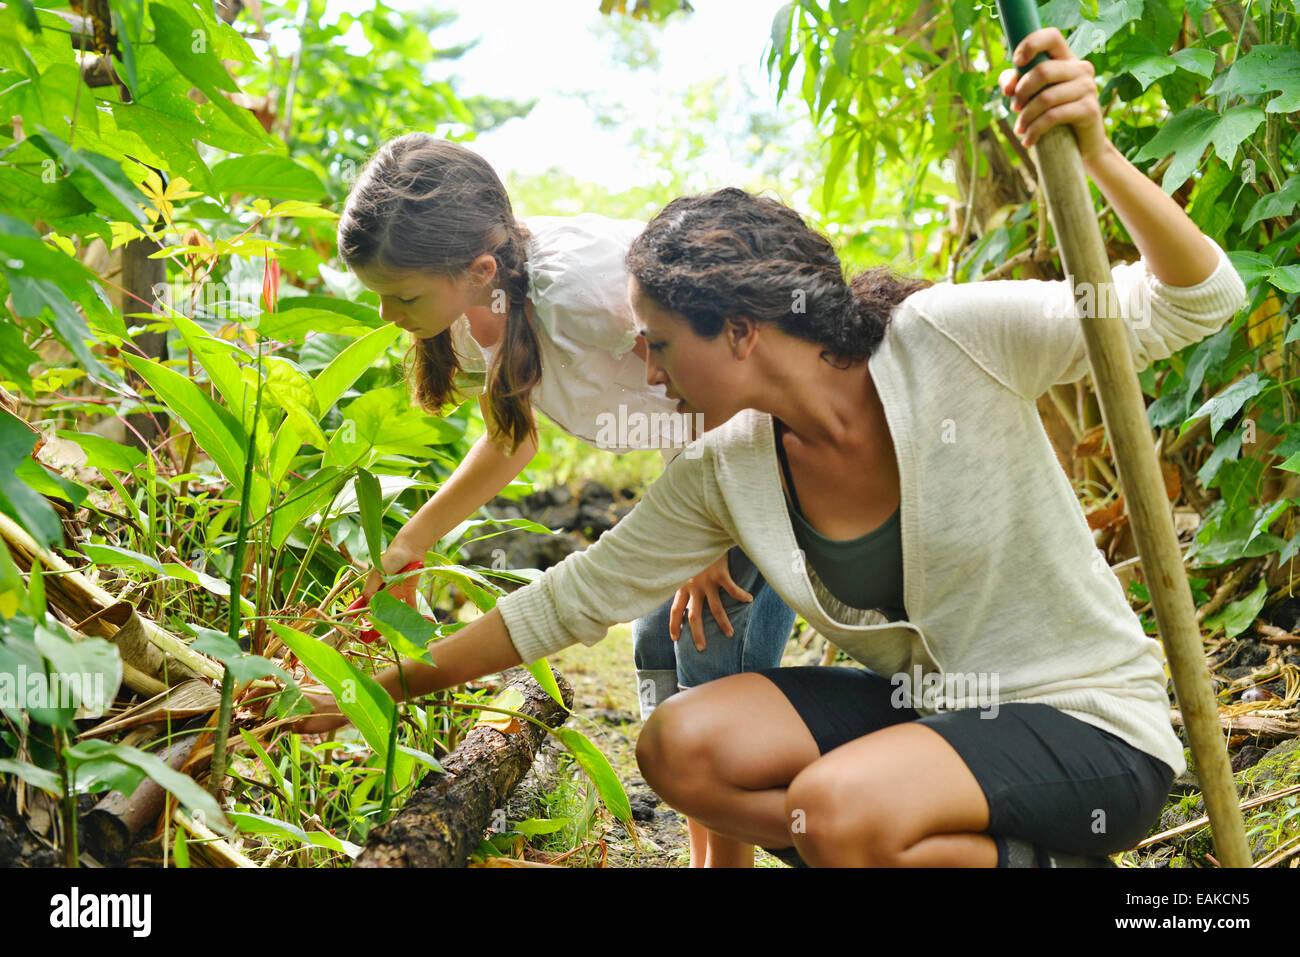 La mujer y la niña la inspección de plantas de jardín Imagen De Stock